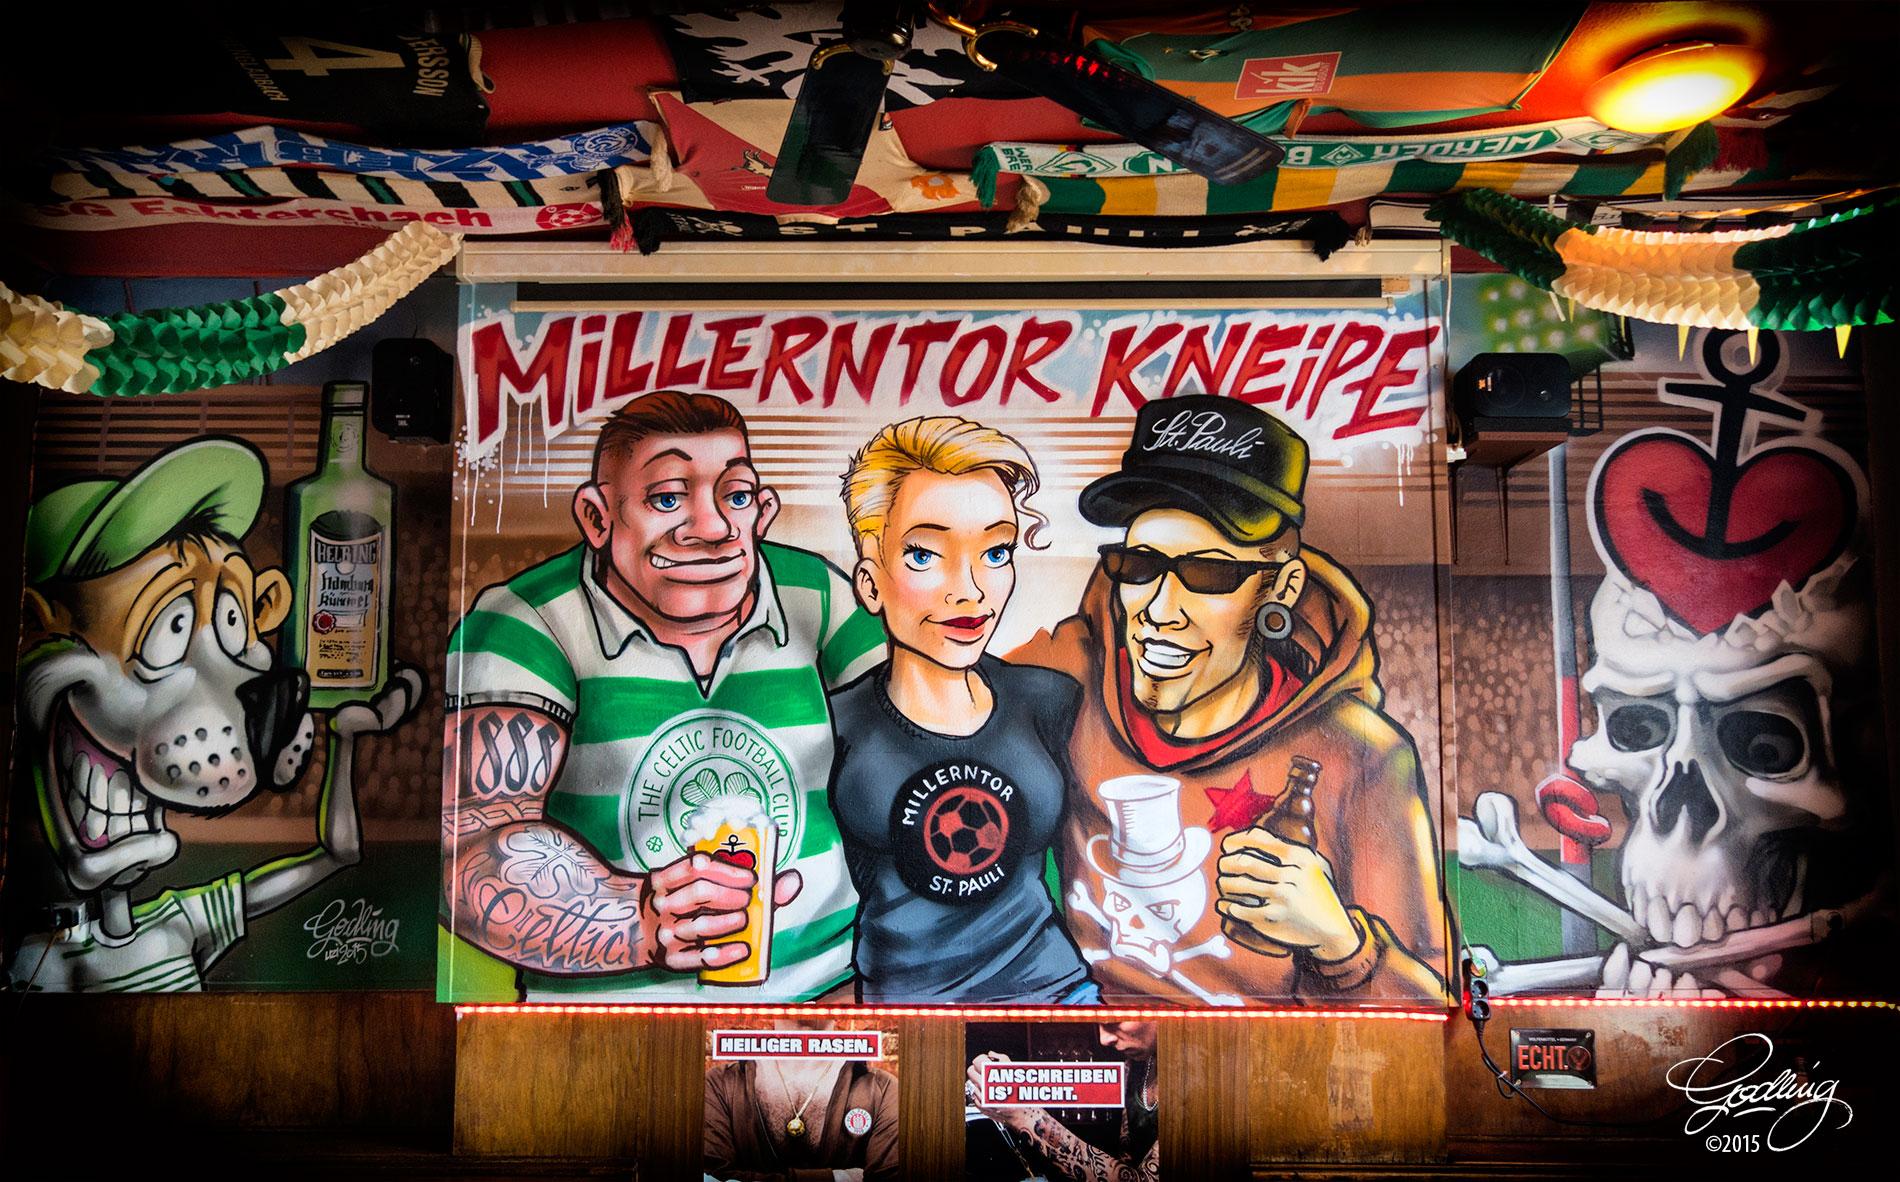 15_Millerntor_Kneipe